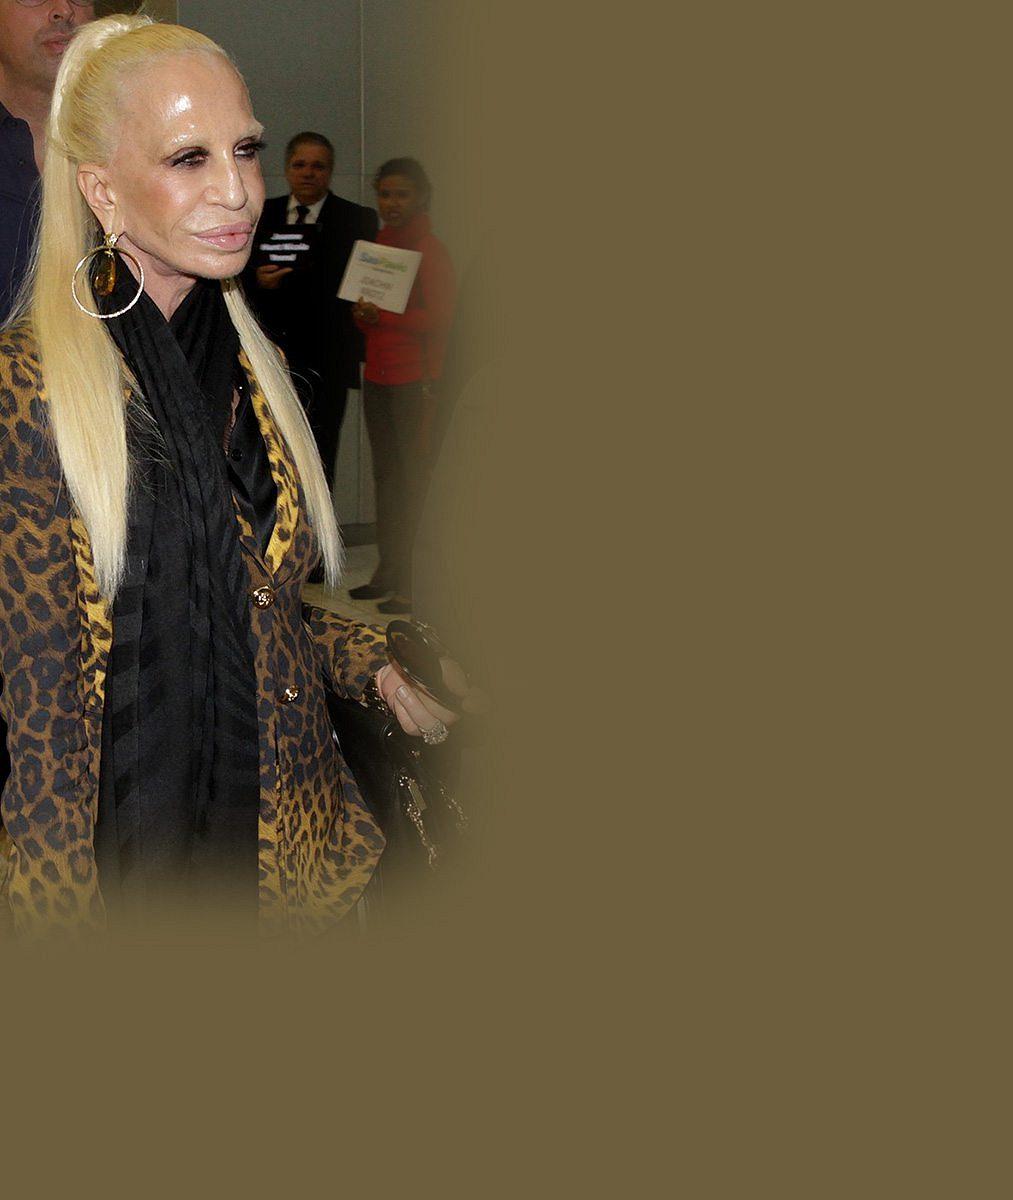 Nepovedená vosková figurína? Ne, vyžehlená masařka Donatella Versace bez obočí